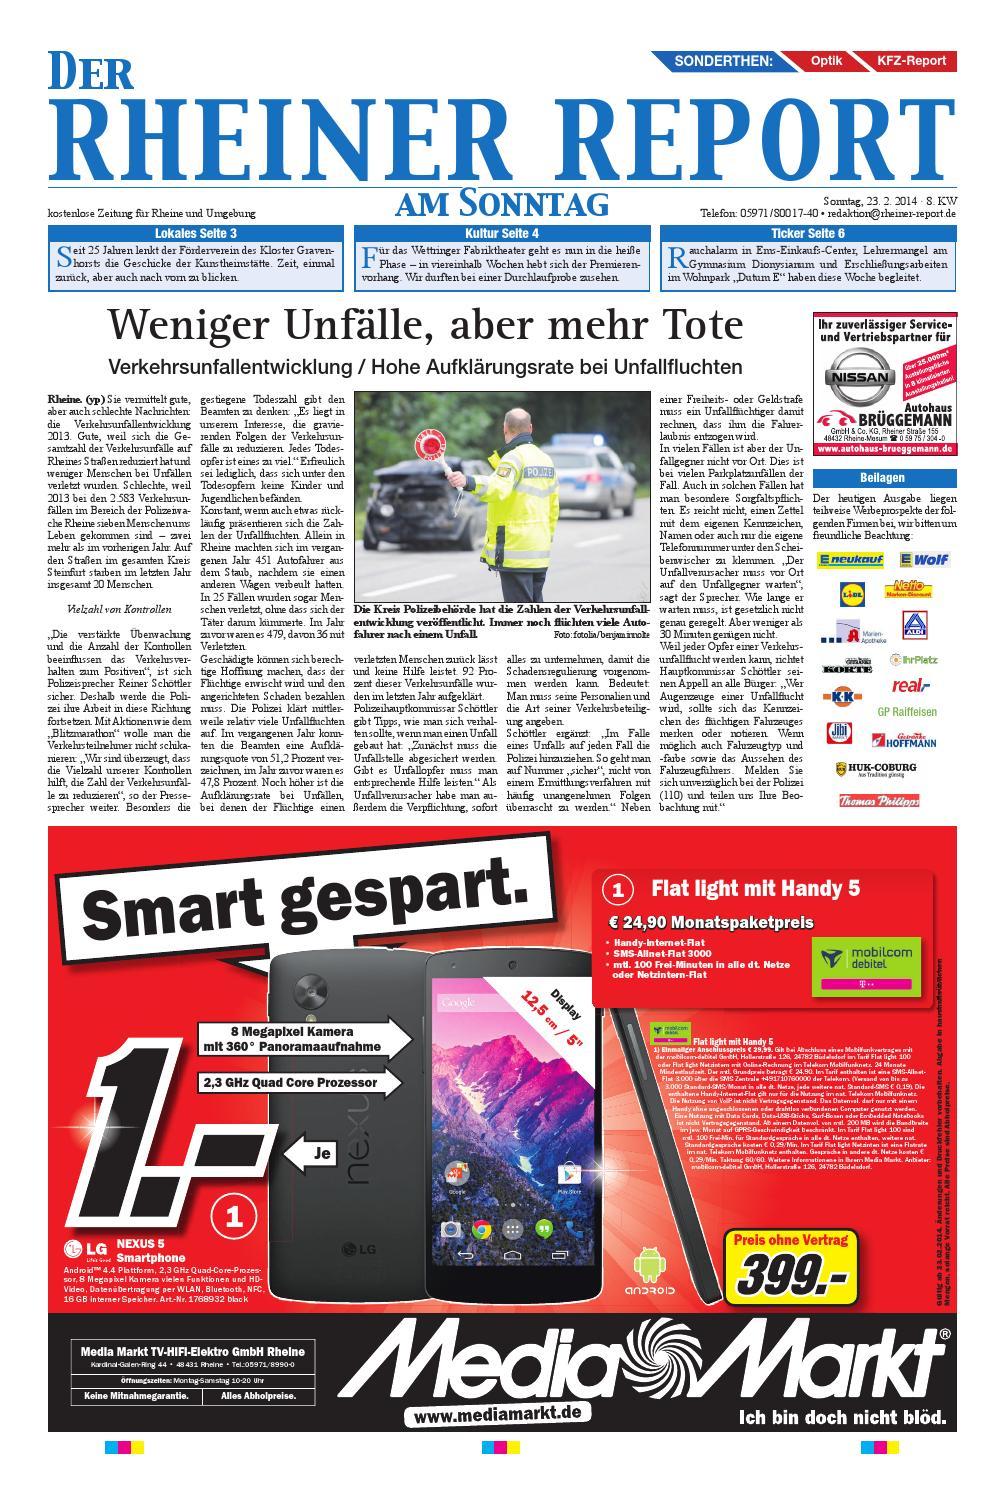 Auto deters rheine gmbh am stadtwalde 59 48432 rheine - Auto Deters Rheine Gmbh Am Stadtwalde 59 48432 Rheine 1